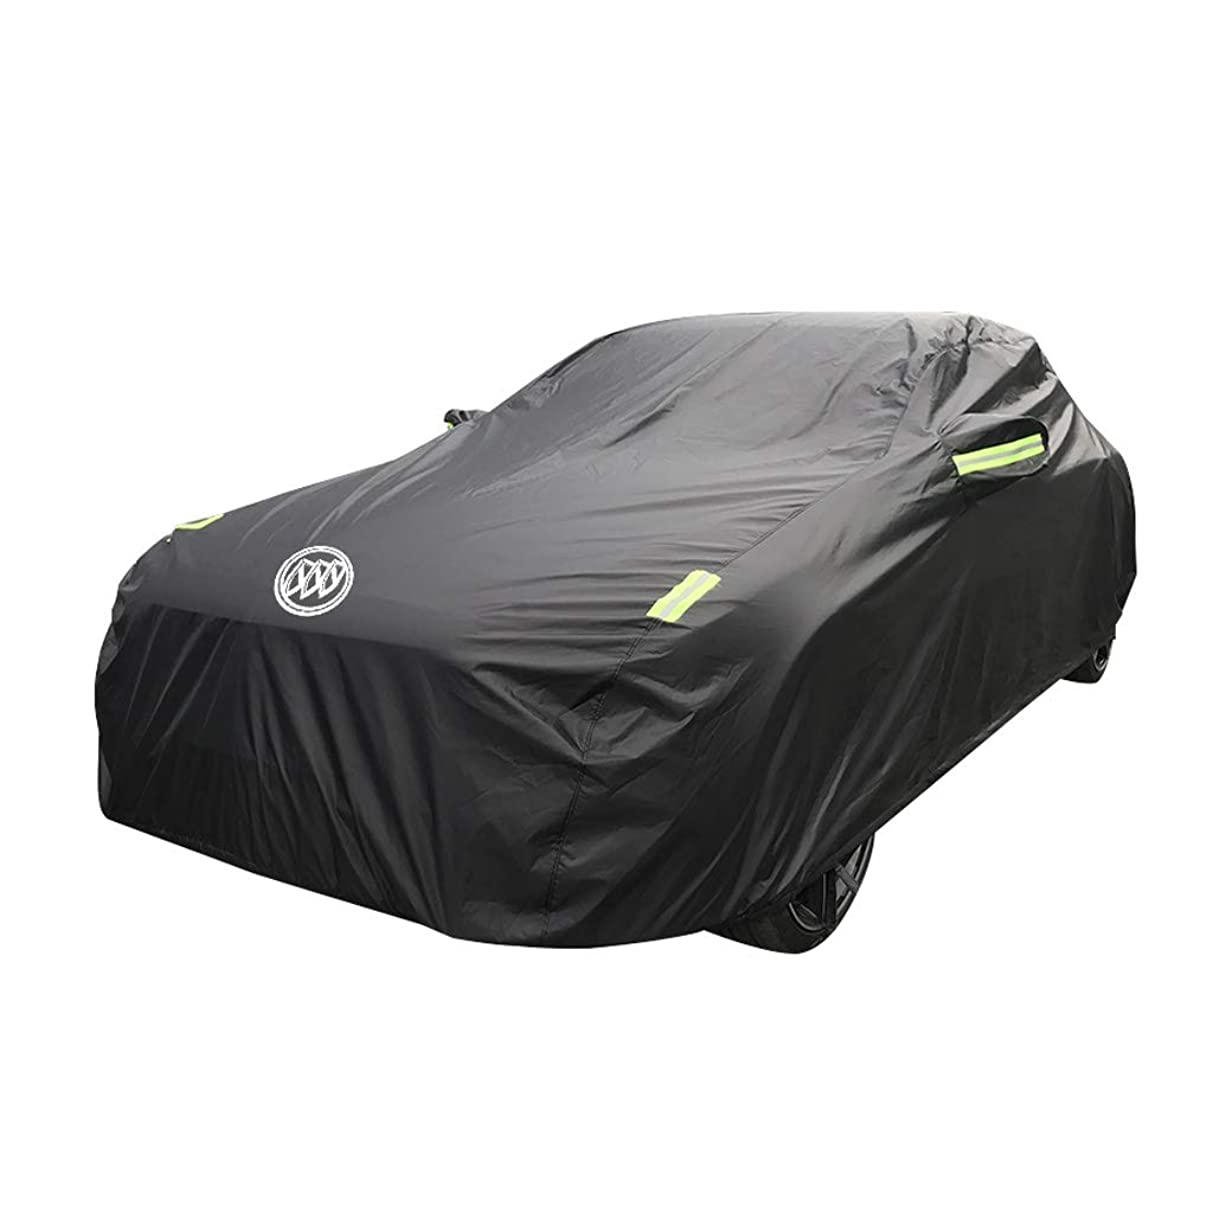 キャンプナビゲーション矢KTYXDE 車のカバー厚いオックスフォード布日焼け止めカバー 車のカバー (Size : 2017)